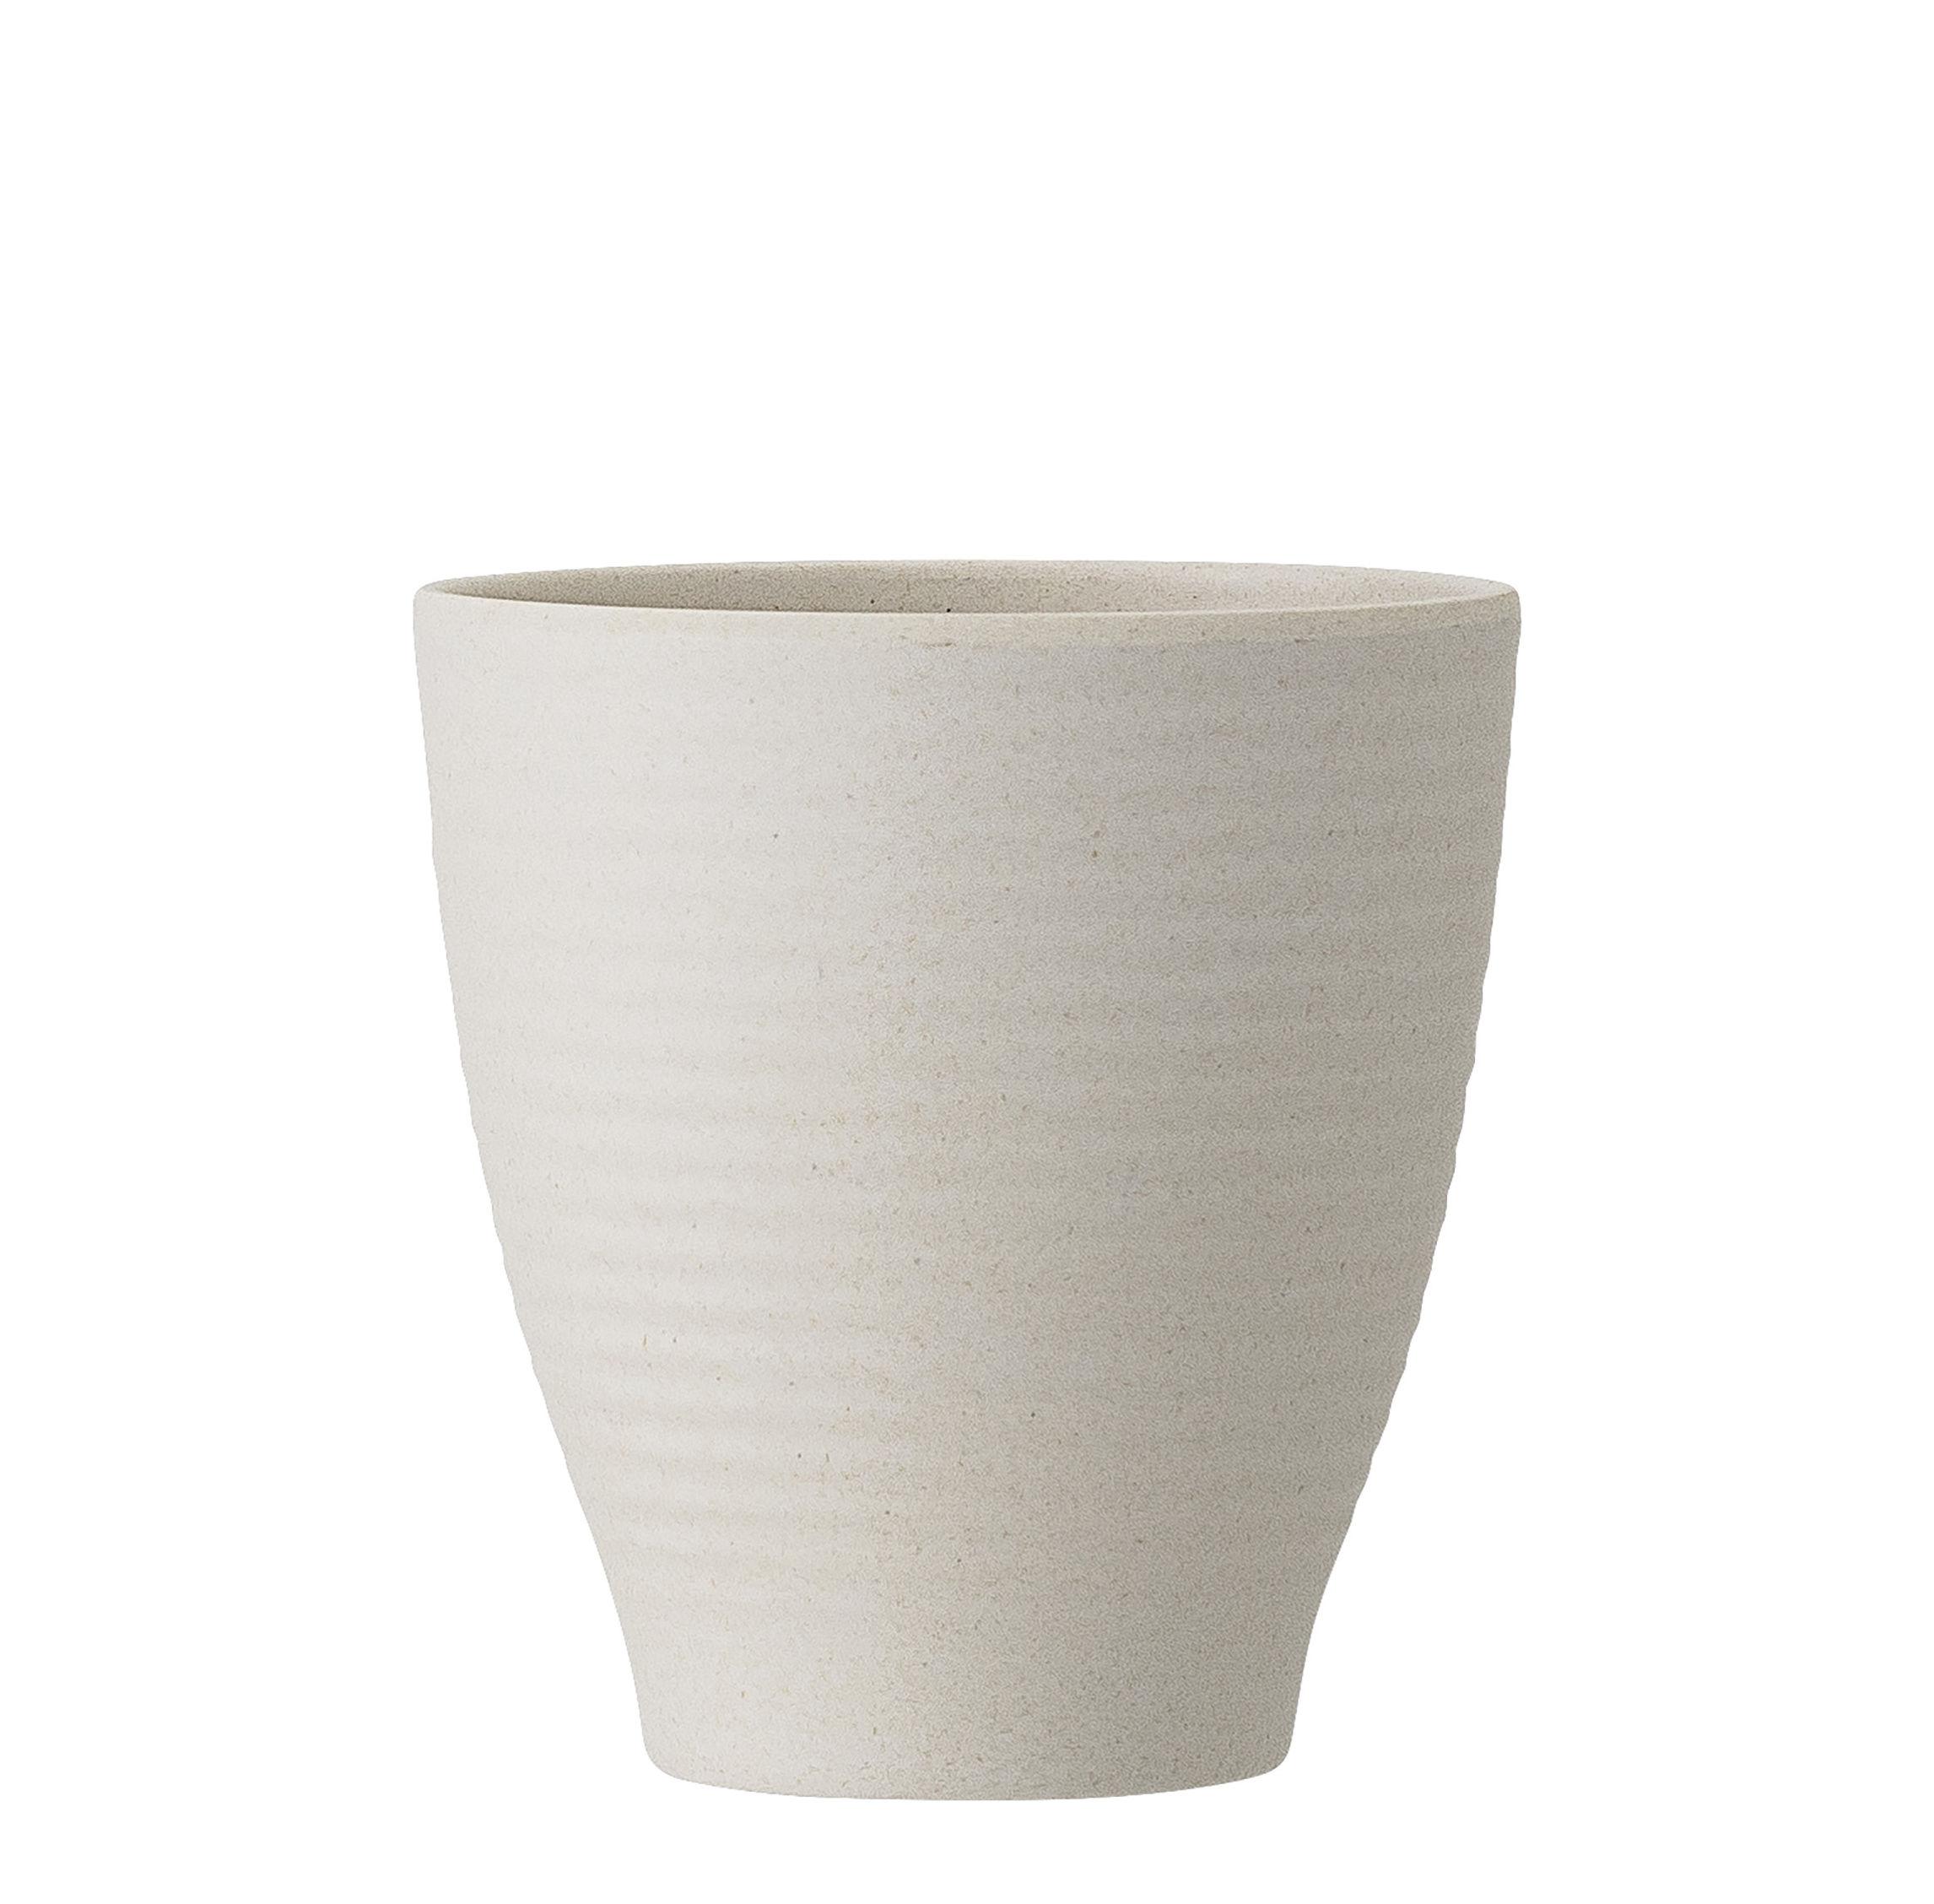 Arts de la table - Tasses et mugs - Gobelet Java / Bambou - Ø 8,5 cm - Bloomingville - Blanc naturel - Fibre de bambou